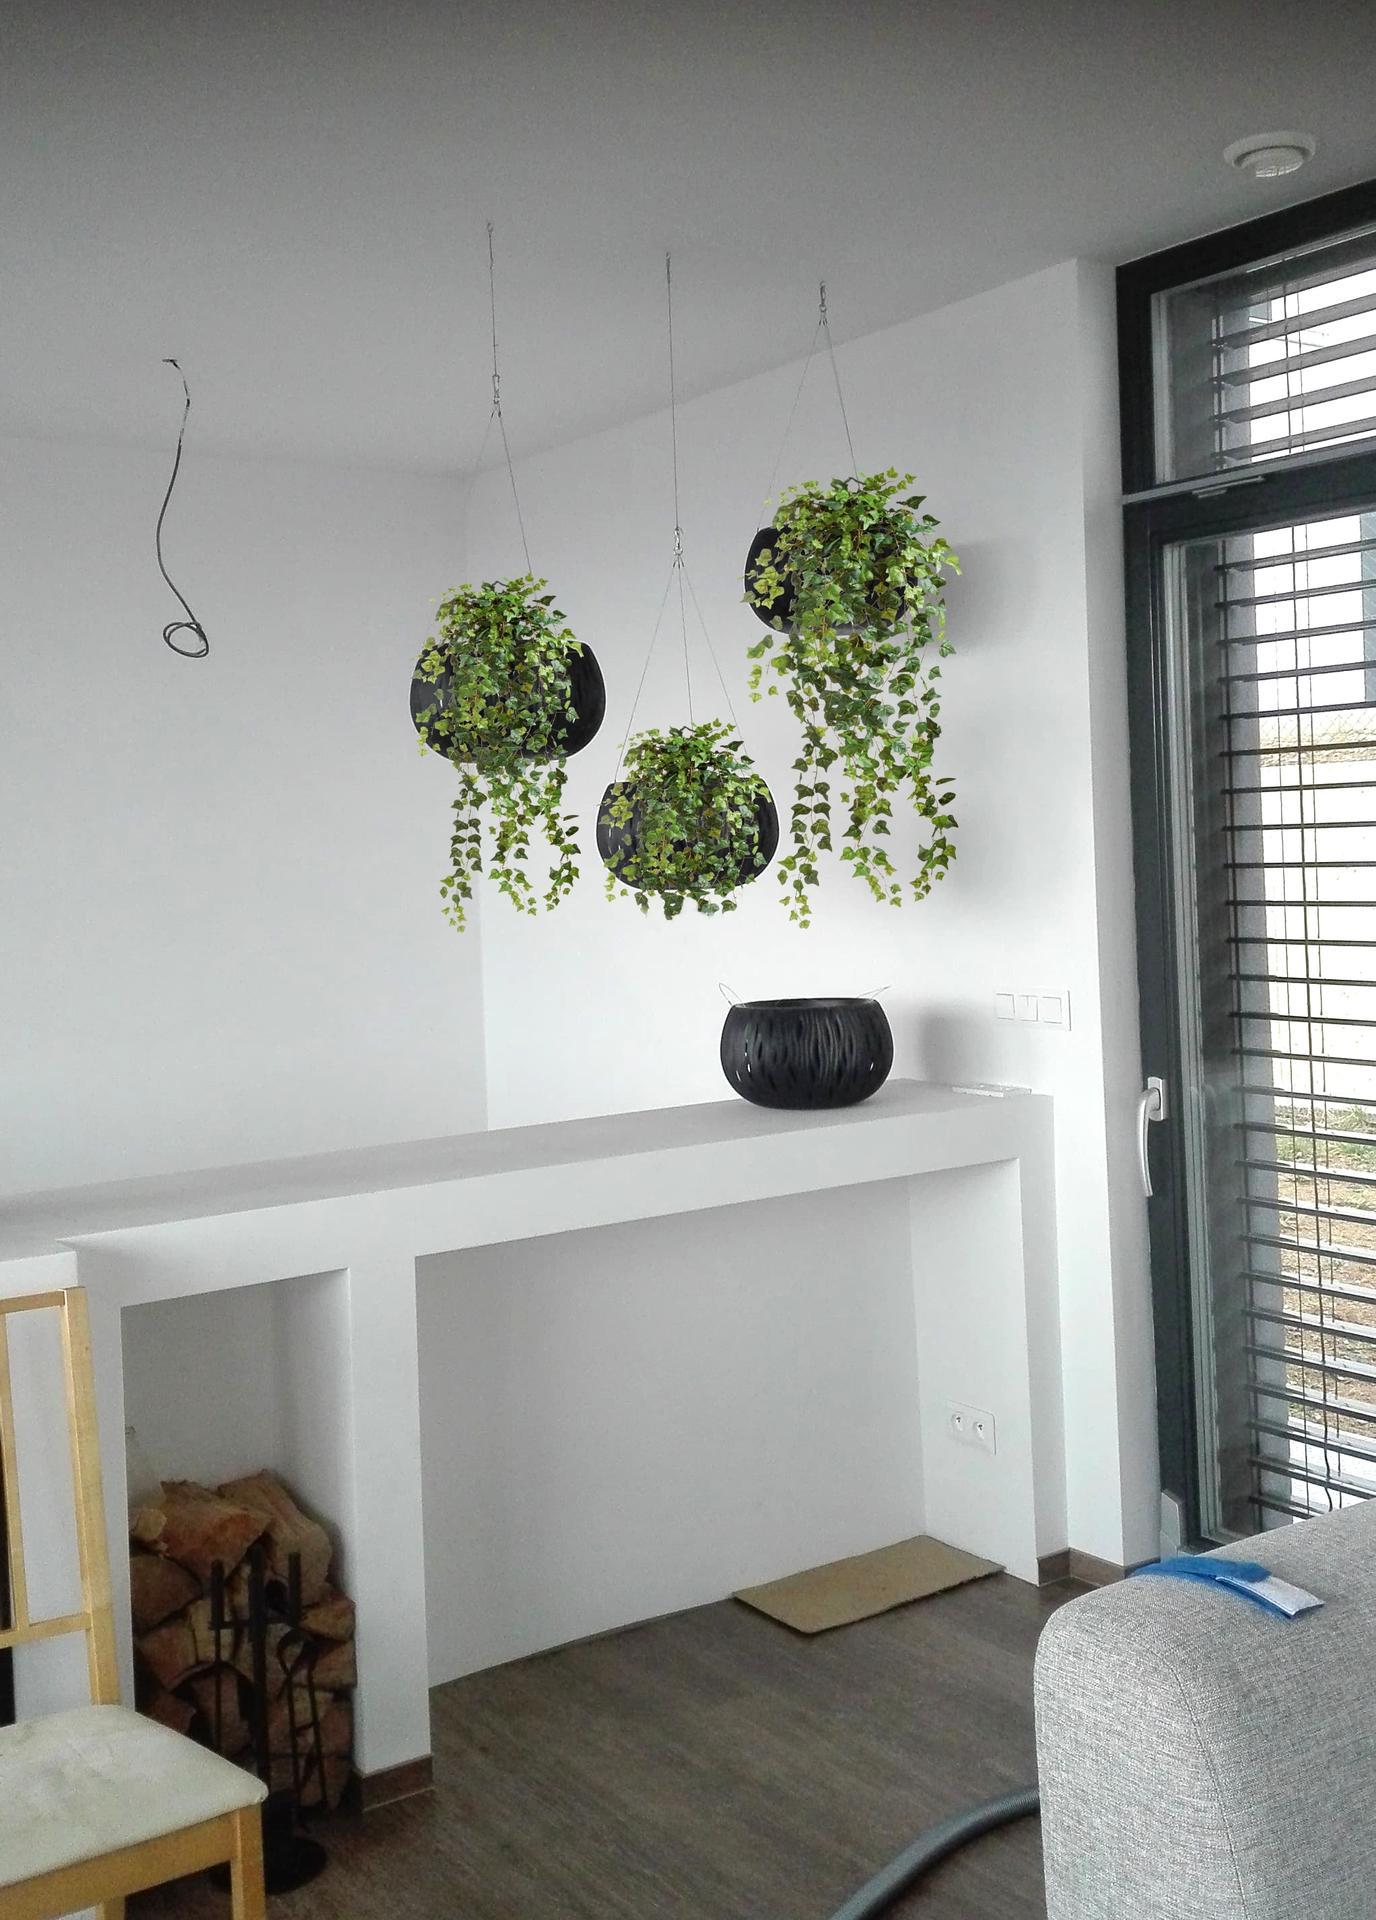 Máte někdo prosím zkušenost s nákupem pokojových rostlin na eshopu? Ráda bych osadila závěsné květináče, ale v zahradnictvích fungují převážně jen venkovní prostory. Děkuji - Obrázek č. 1